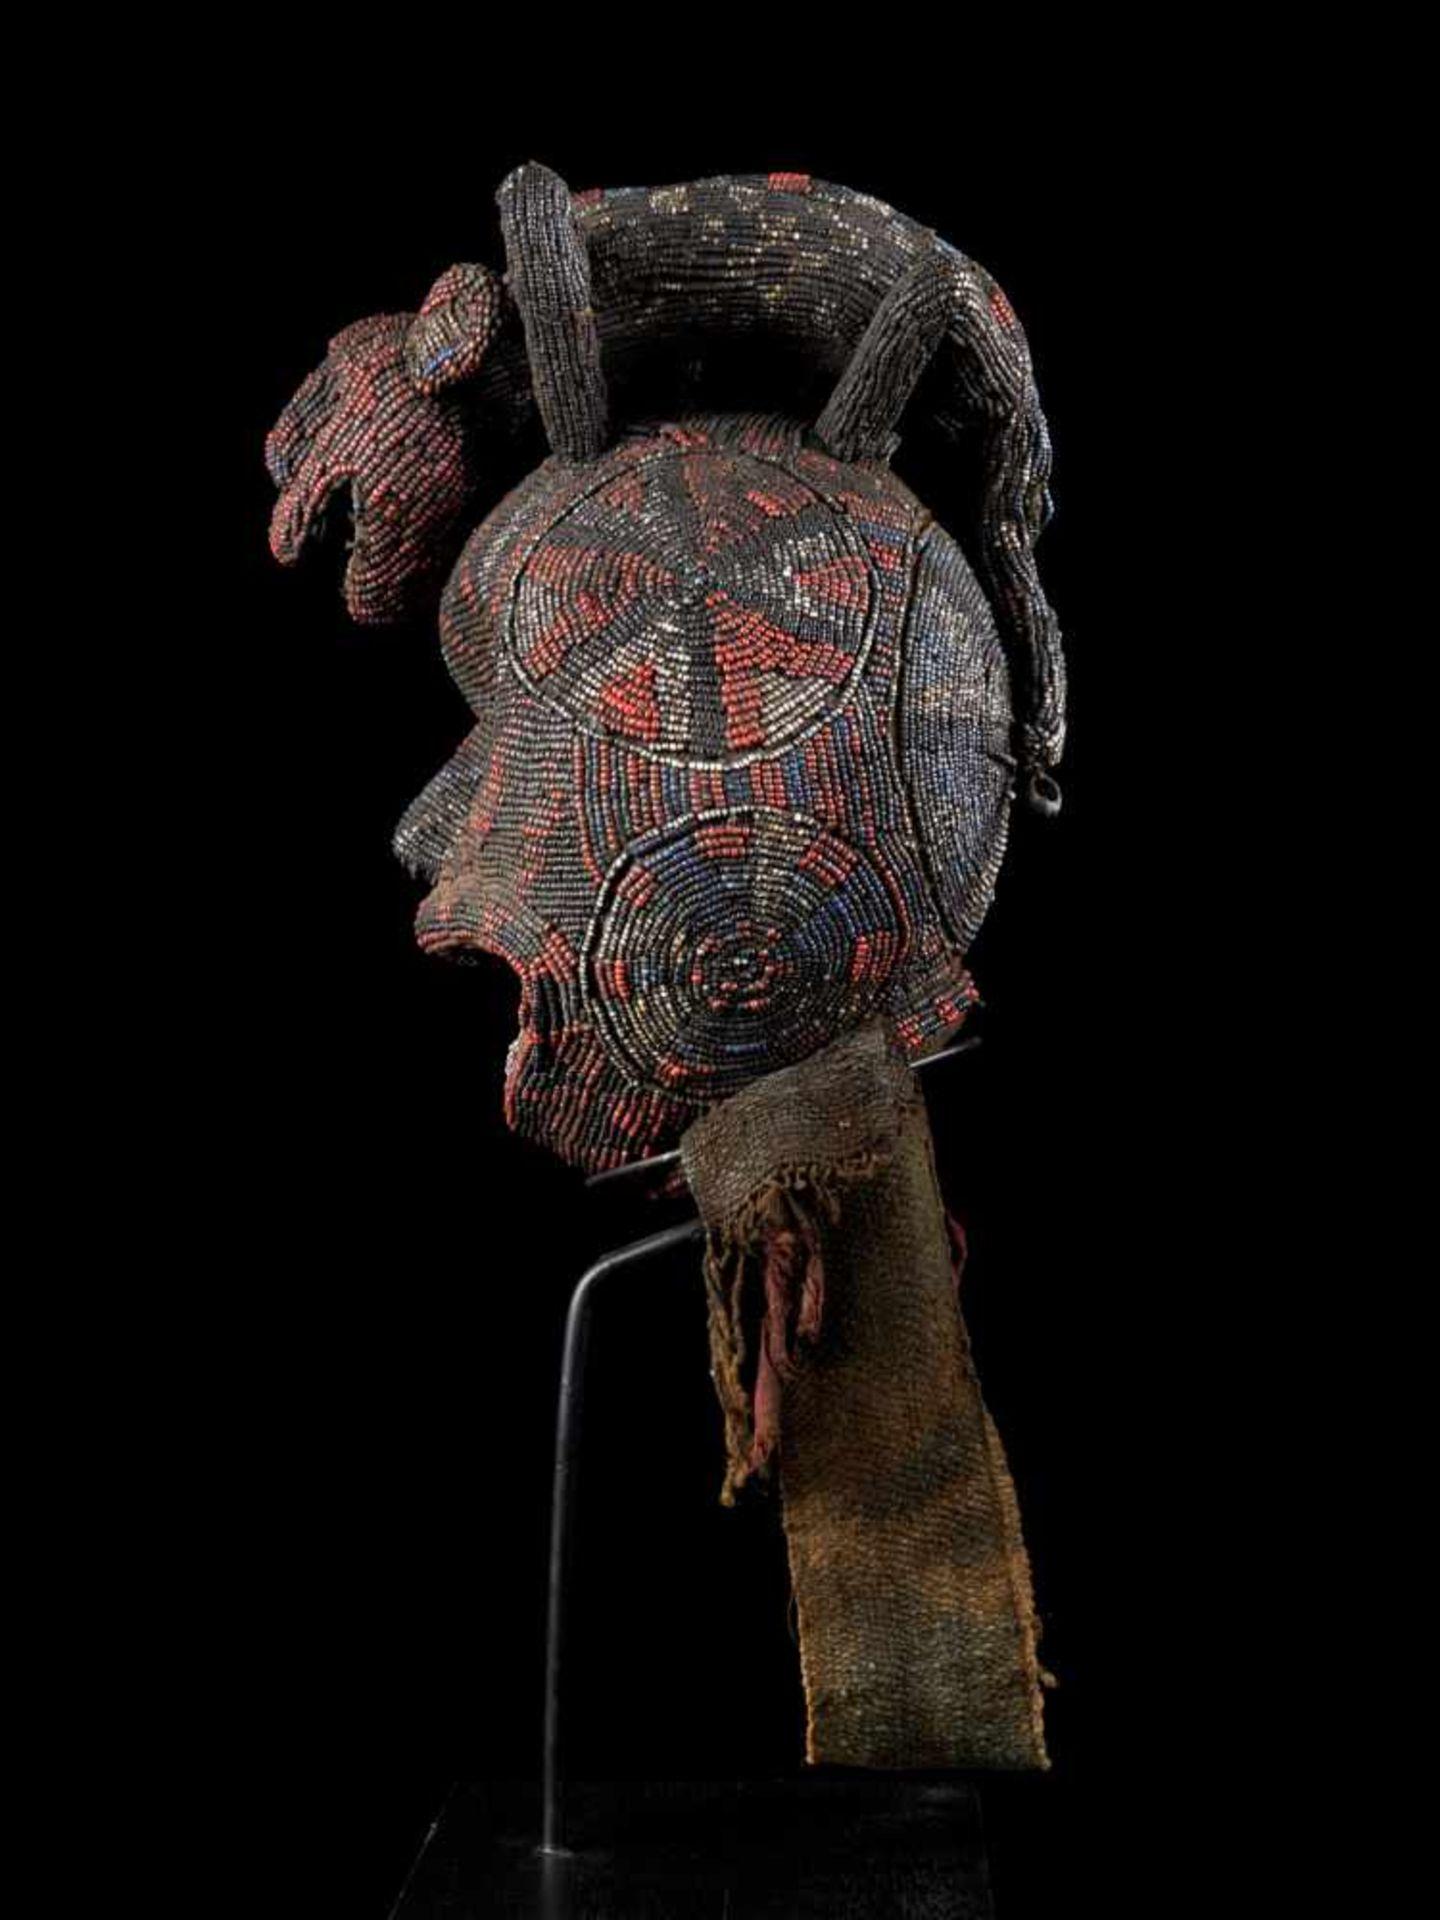 """Beaded Ceremonial Head """"Adwonzen"""" With Leopard Mount, Grassland People, Cameroon - Tribal - Bild 3 aus 5"""